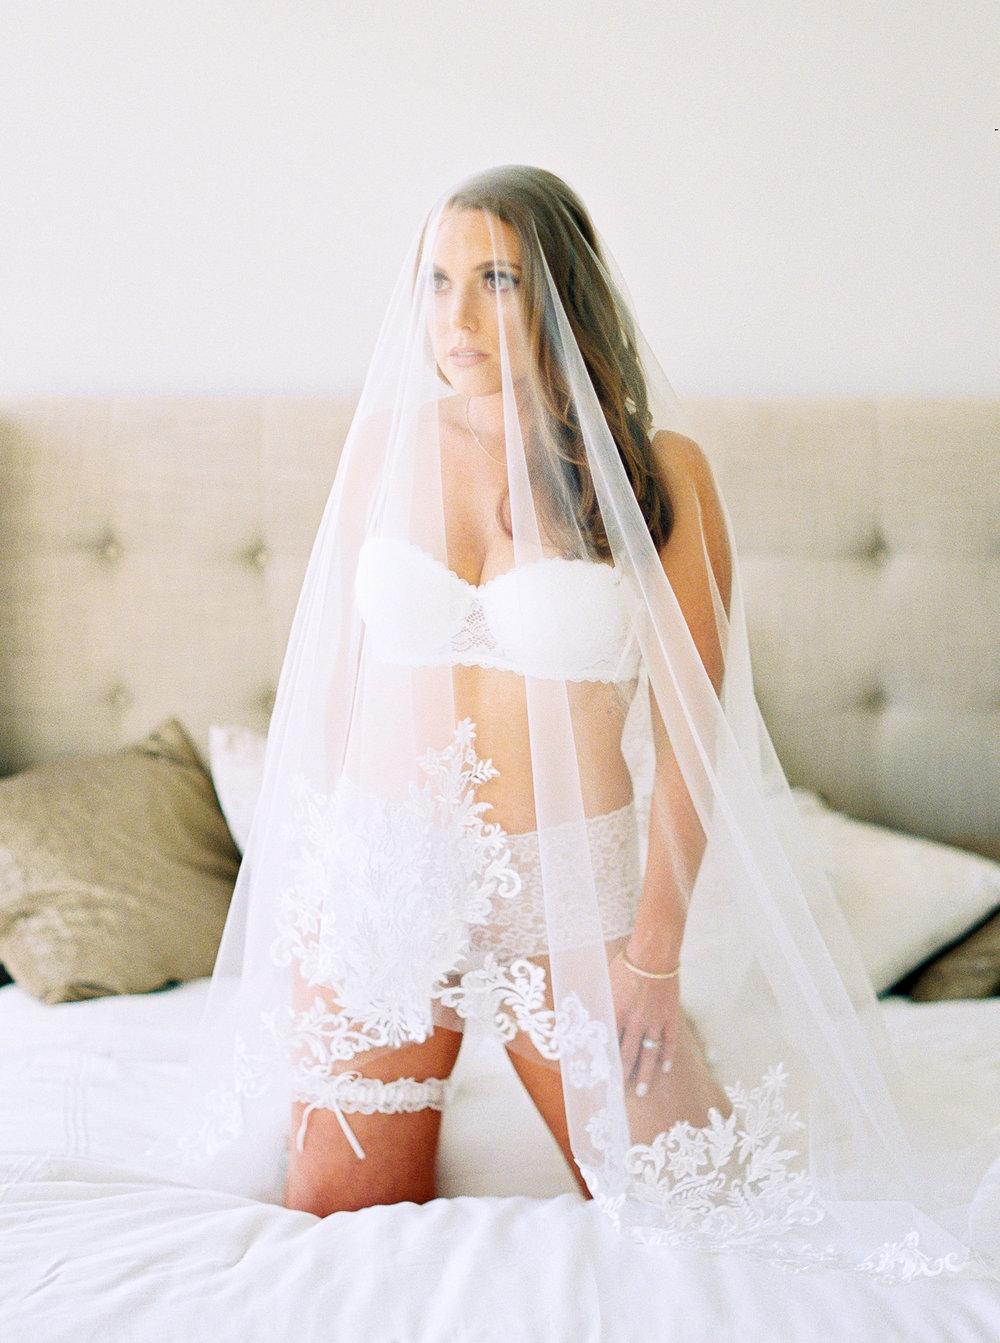 dennisroycoronel_bridal_boudoir_orangecounty_losangeles_photographer-59.jpg